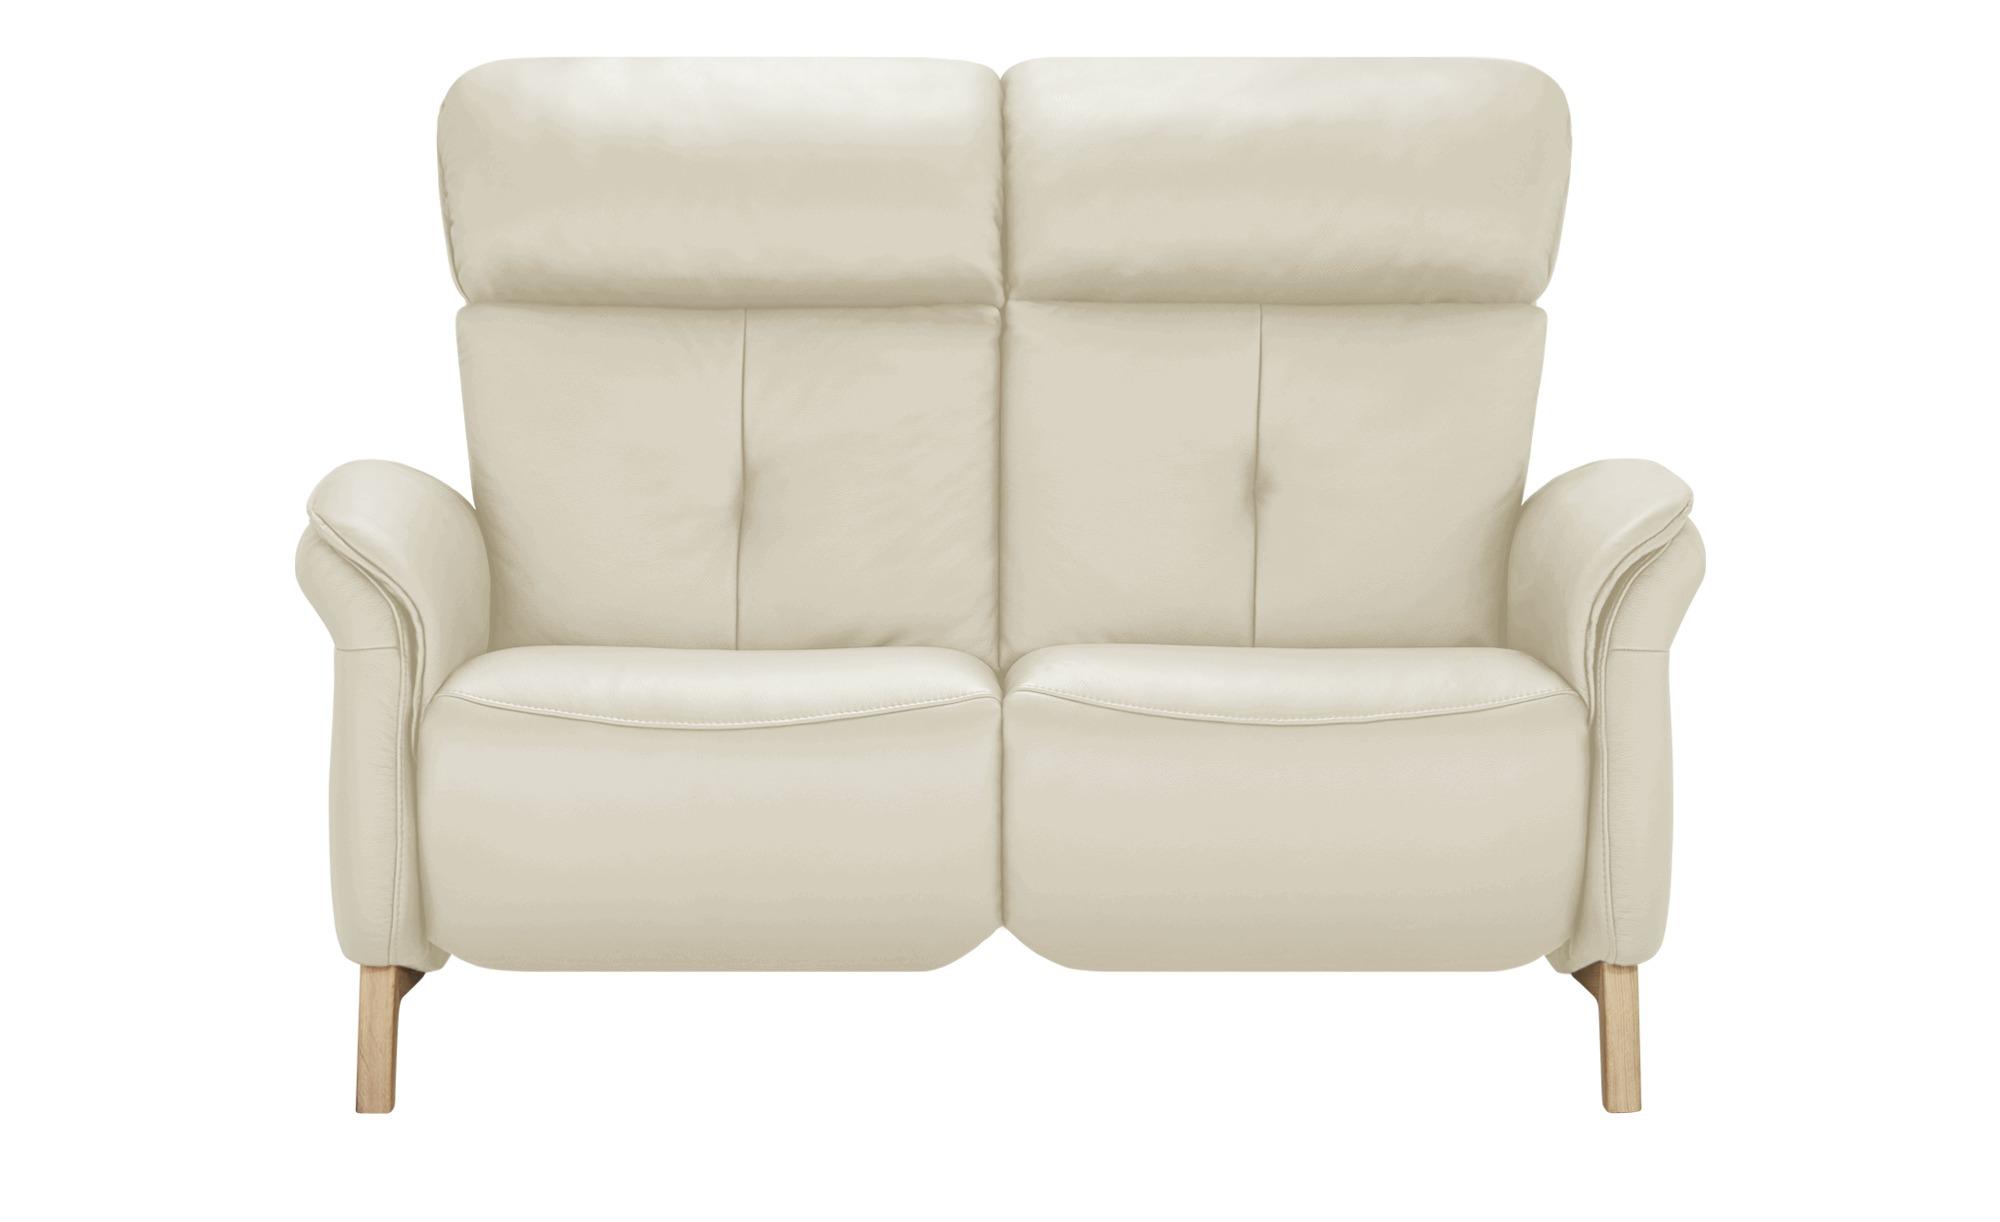 himolla Einzelsofa  4708 - creme - Polstermöbel > Sofas > 2-Sitzer - Möbel günstig online kaufen